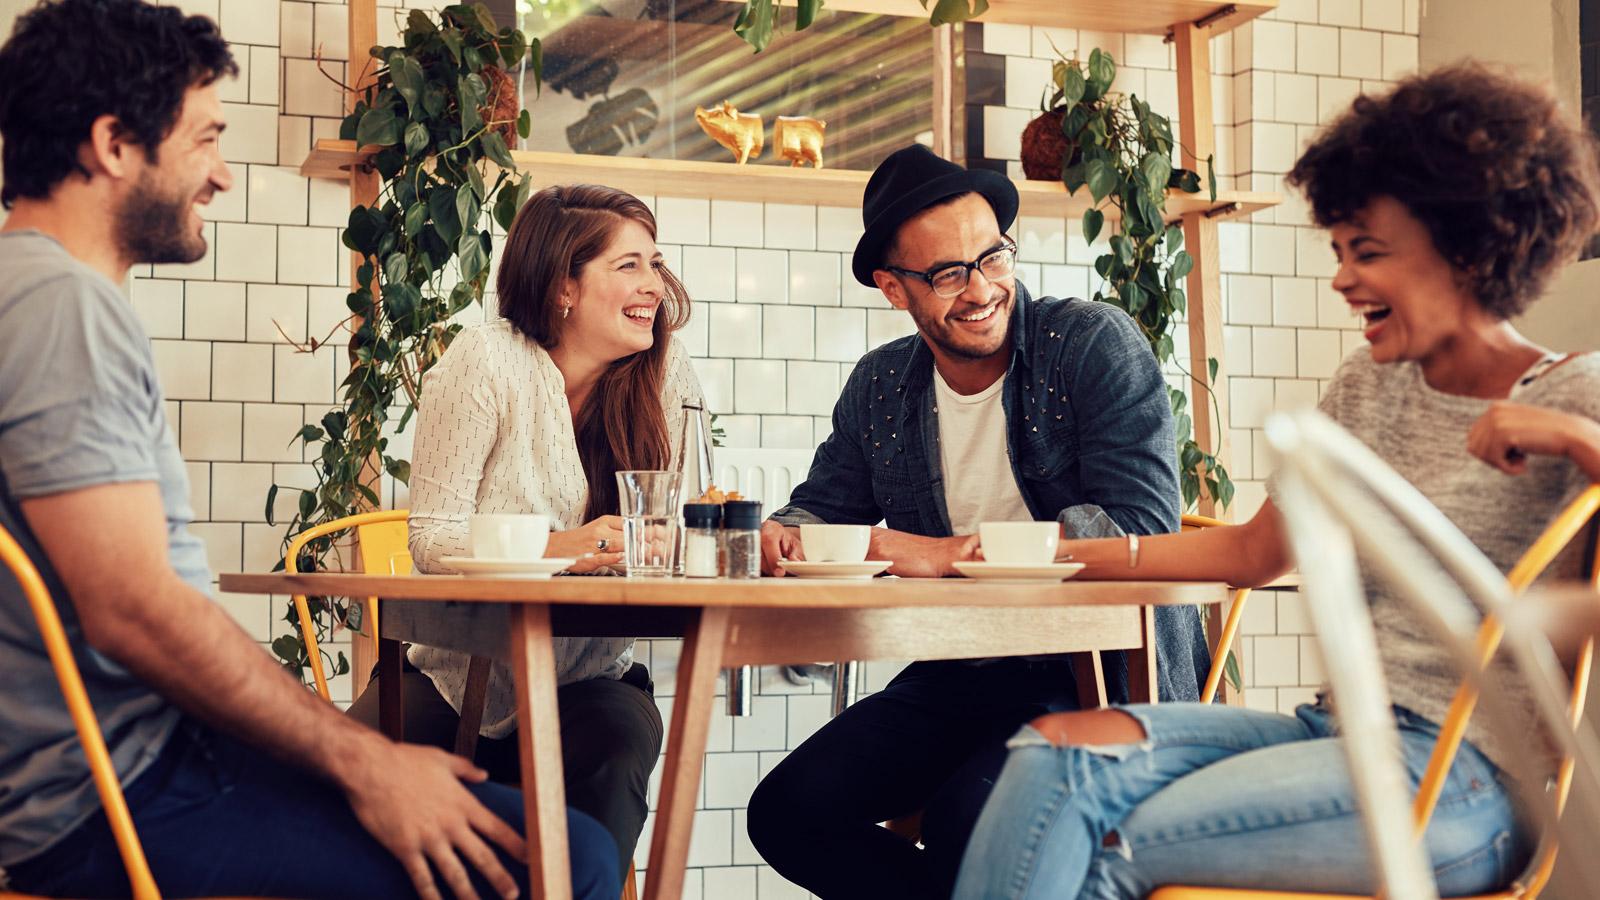 Polski kawowy lider rusza na podbój Europy – w czasie pandemii zebrał 2 000 000 zł inwestycje mediarun kawa coffeedesc przyjaciele inwestycja europa 2020